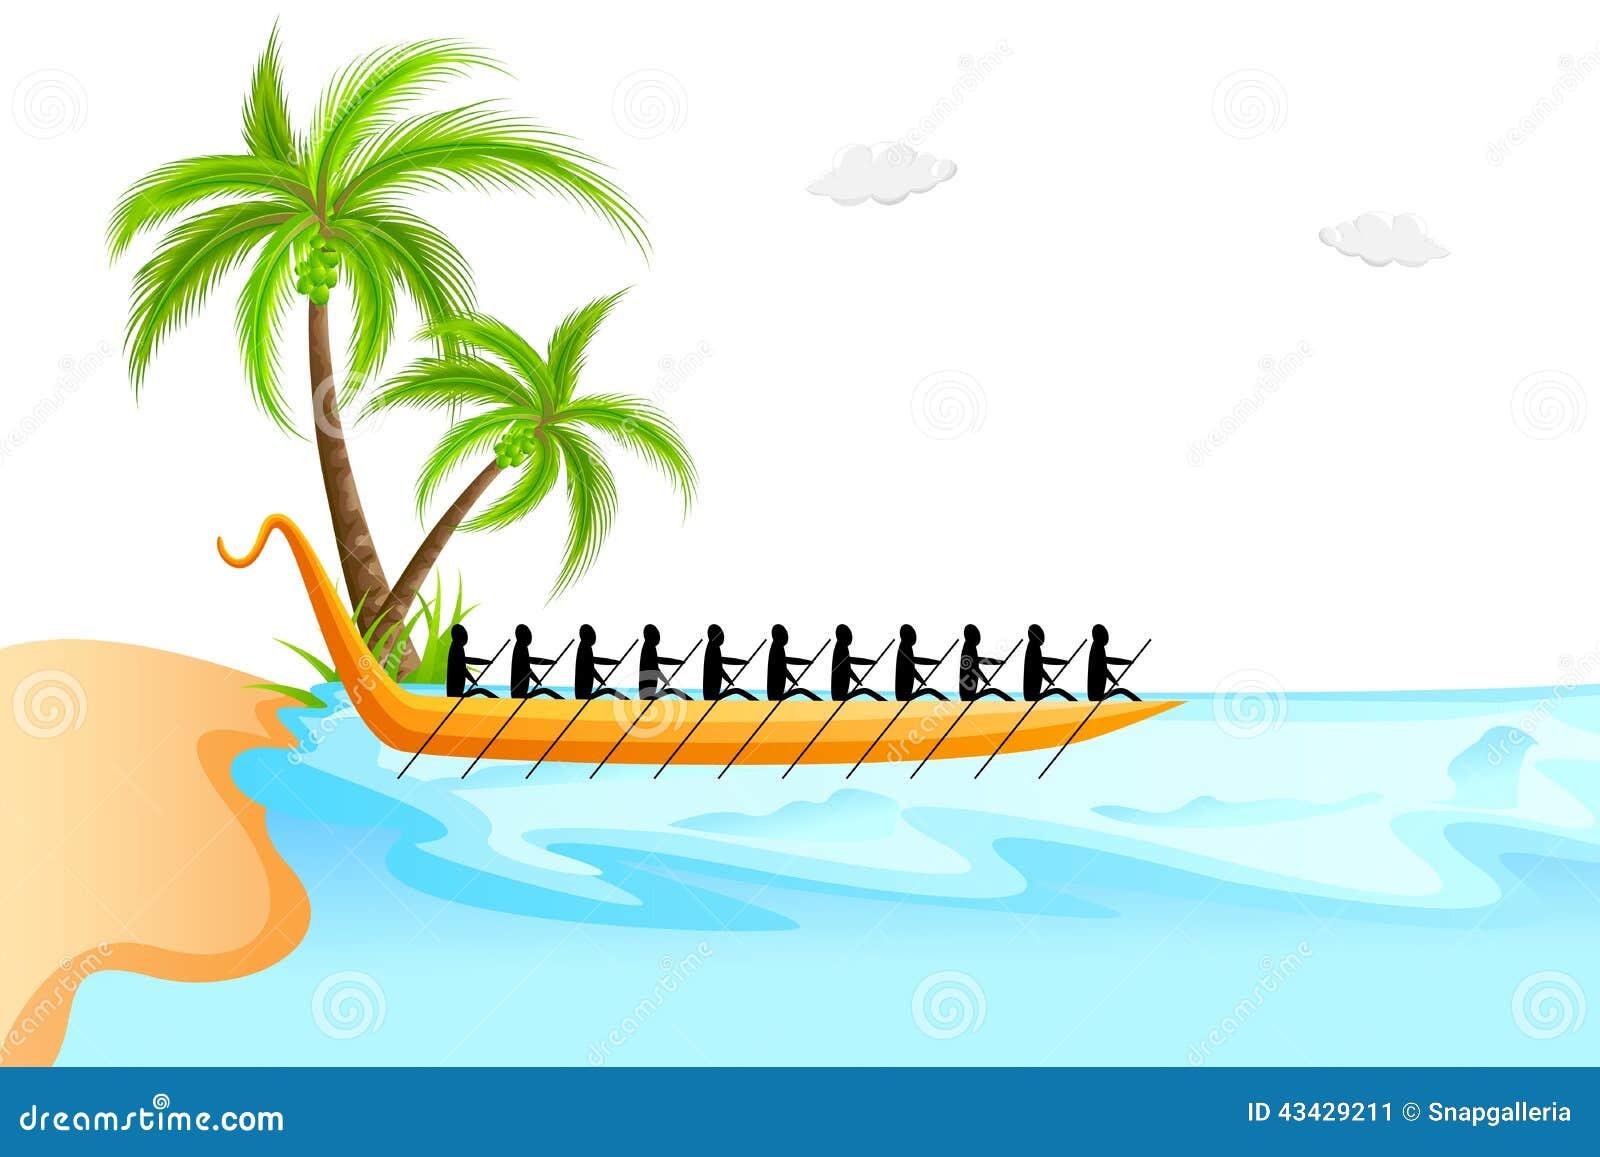 Happy Onam Background Stock Vector Image 43429211